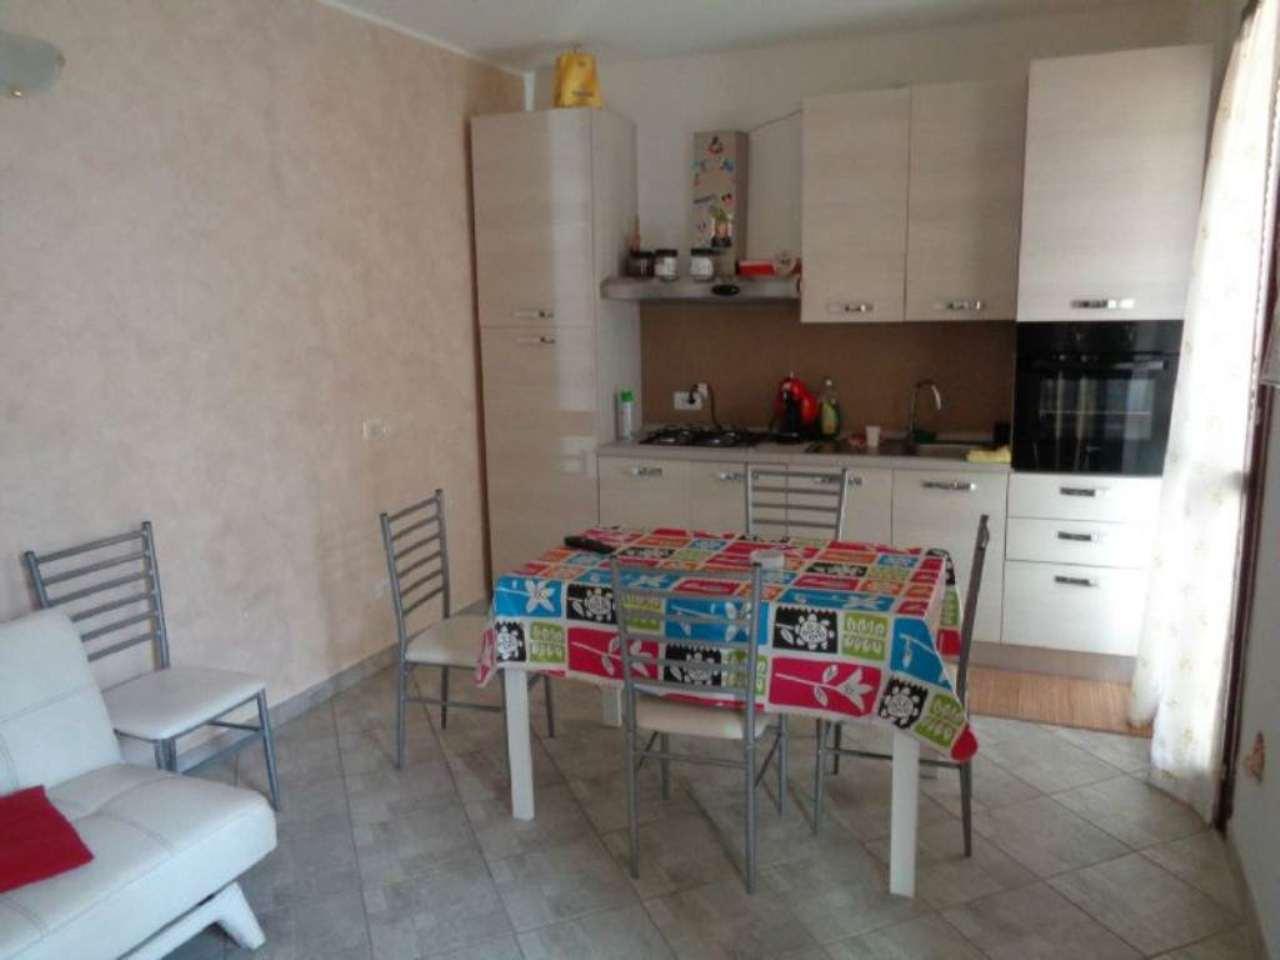 Appartamento in vendita a Cagno, 2 locali, prezzo € 79.000 | Cambio Casa.it